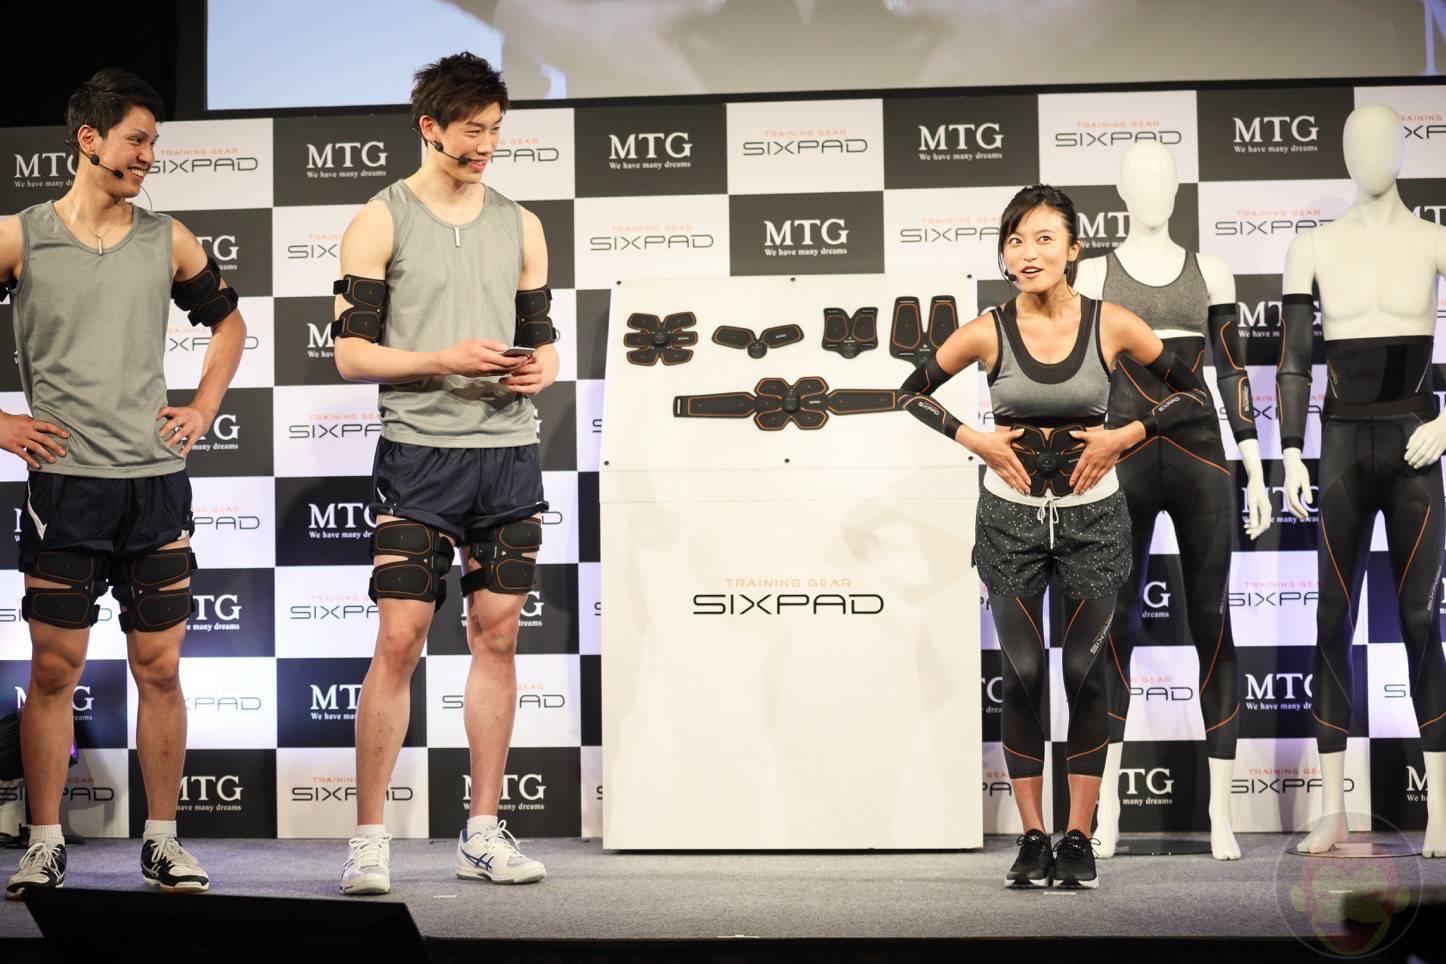 MTG-SIXPAD-New-Products-KojiRuri-Ishikawa-70.jpg